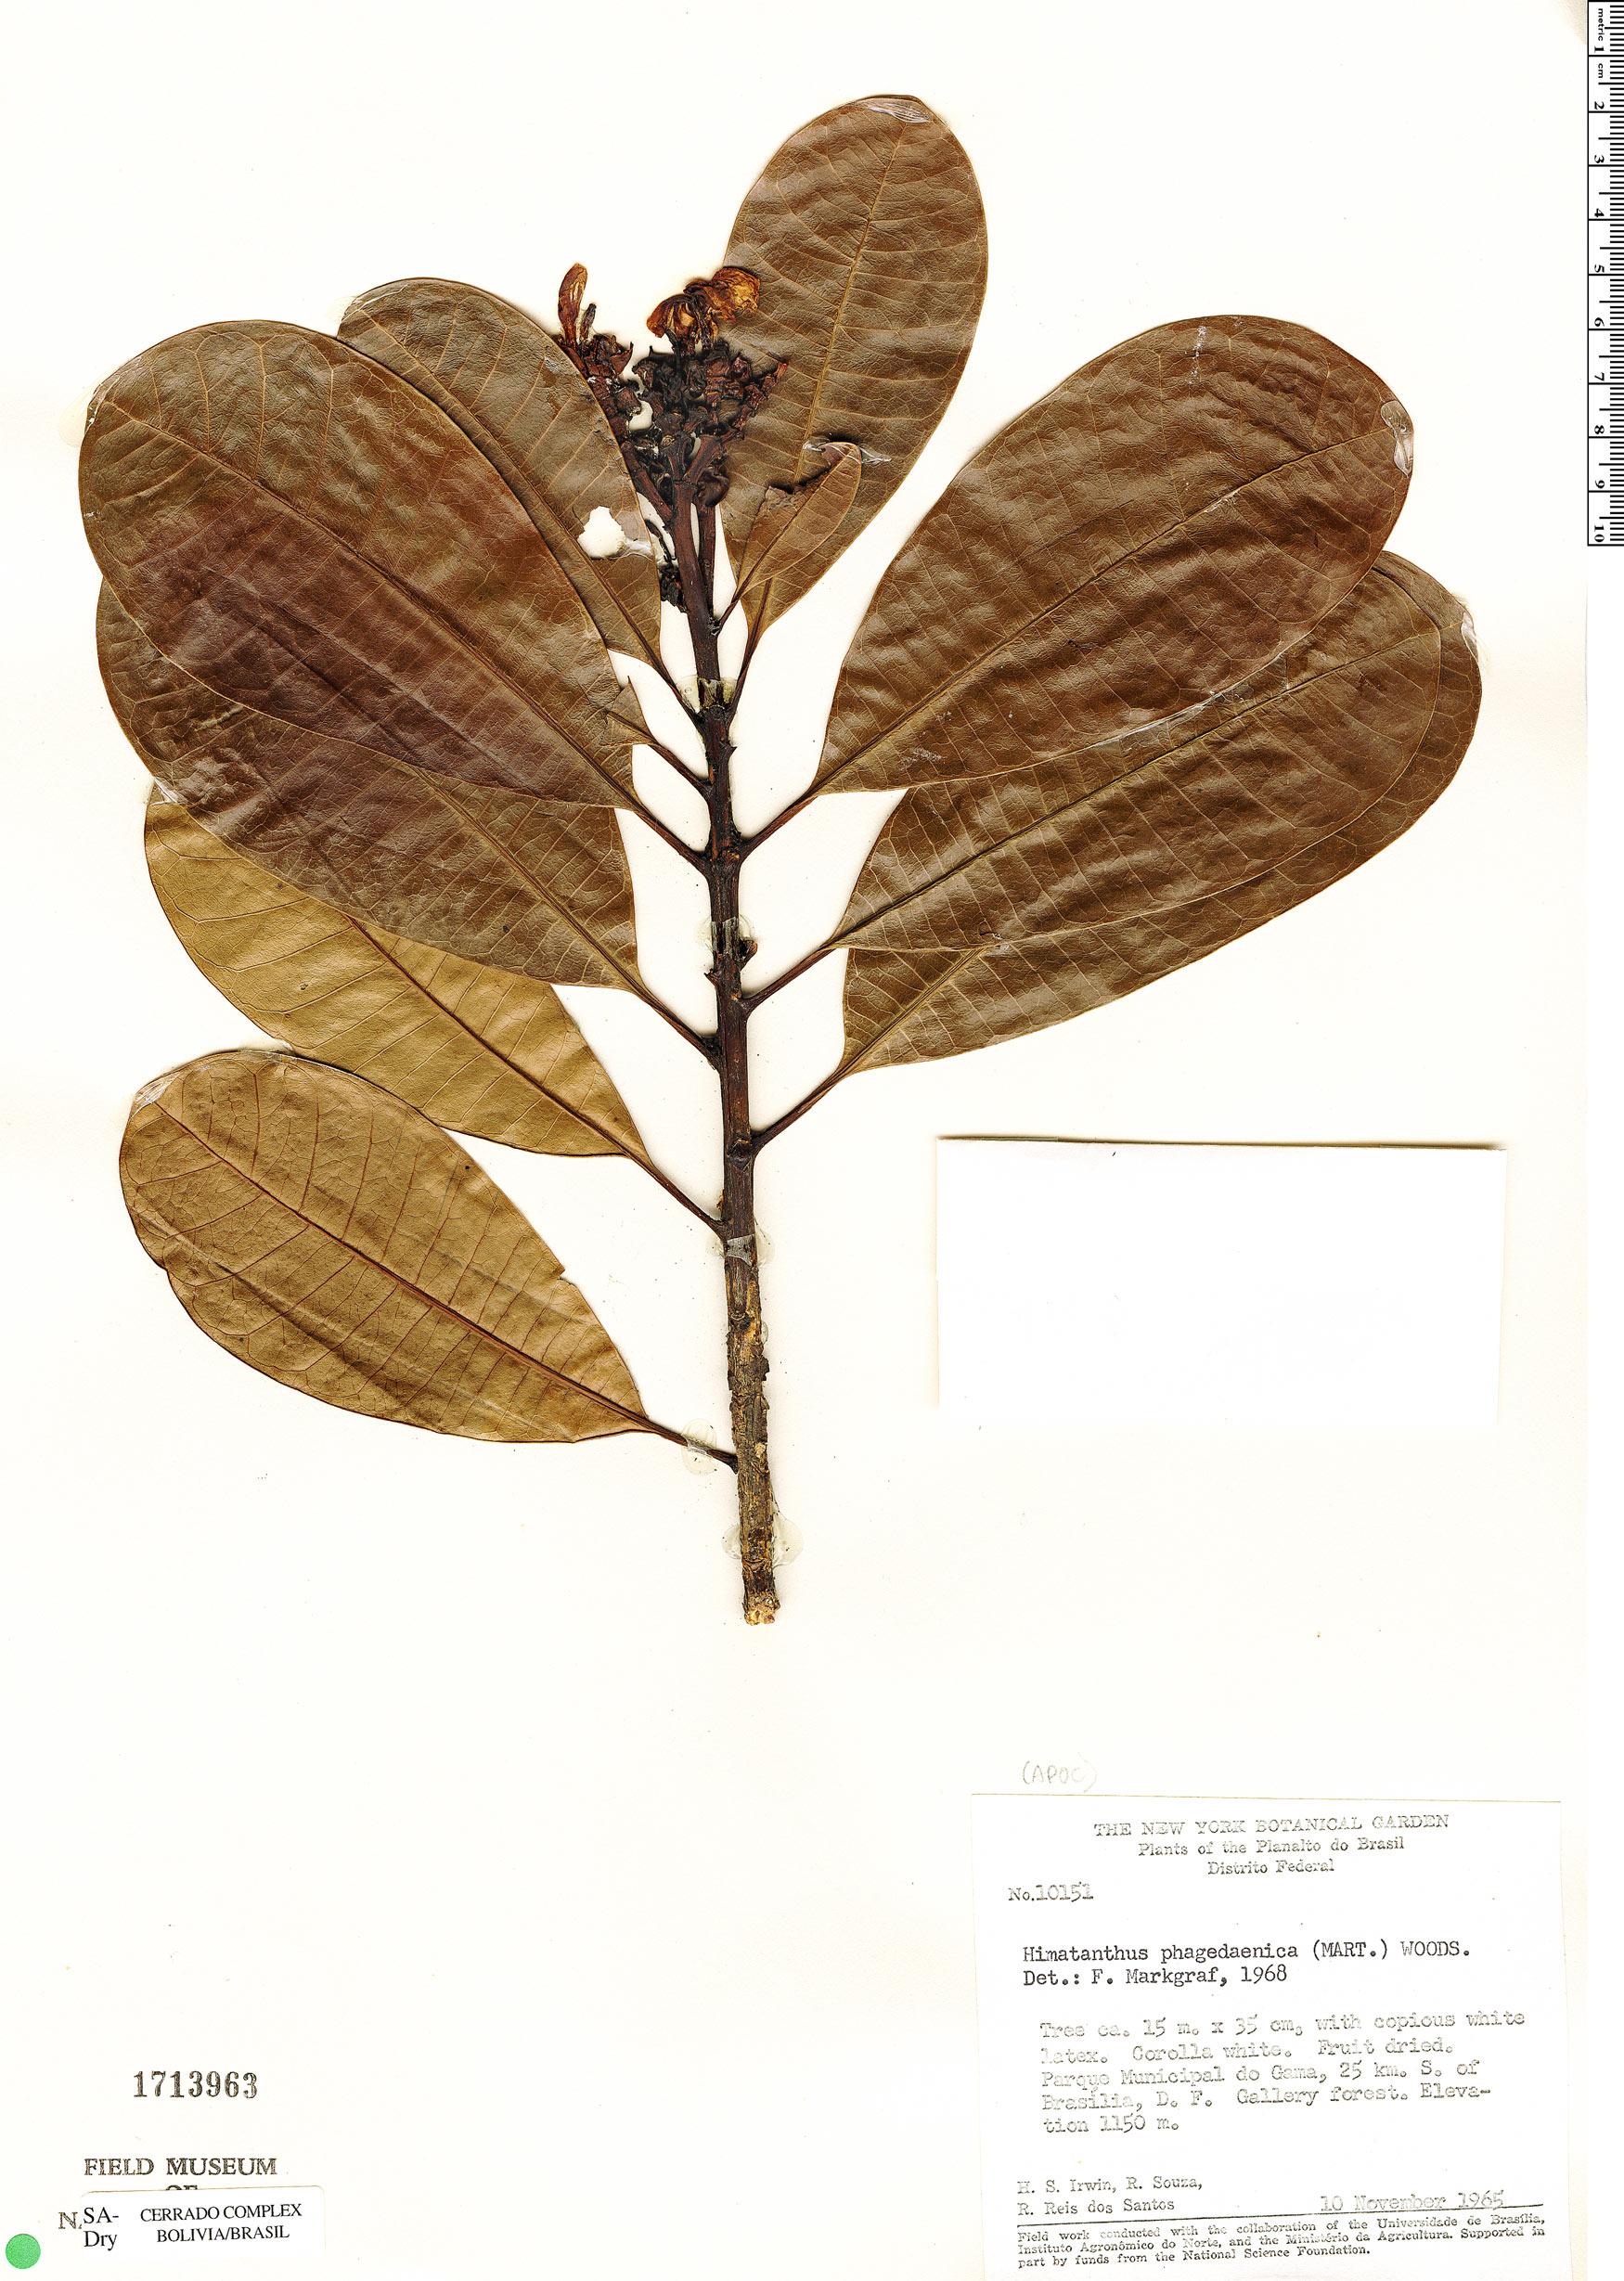 Specimen: Himatanthus drasticus